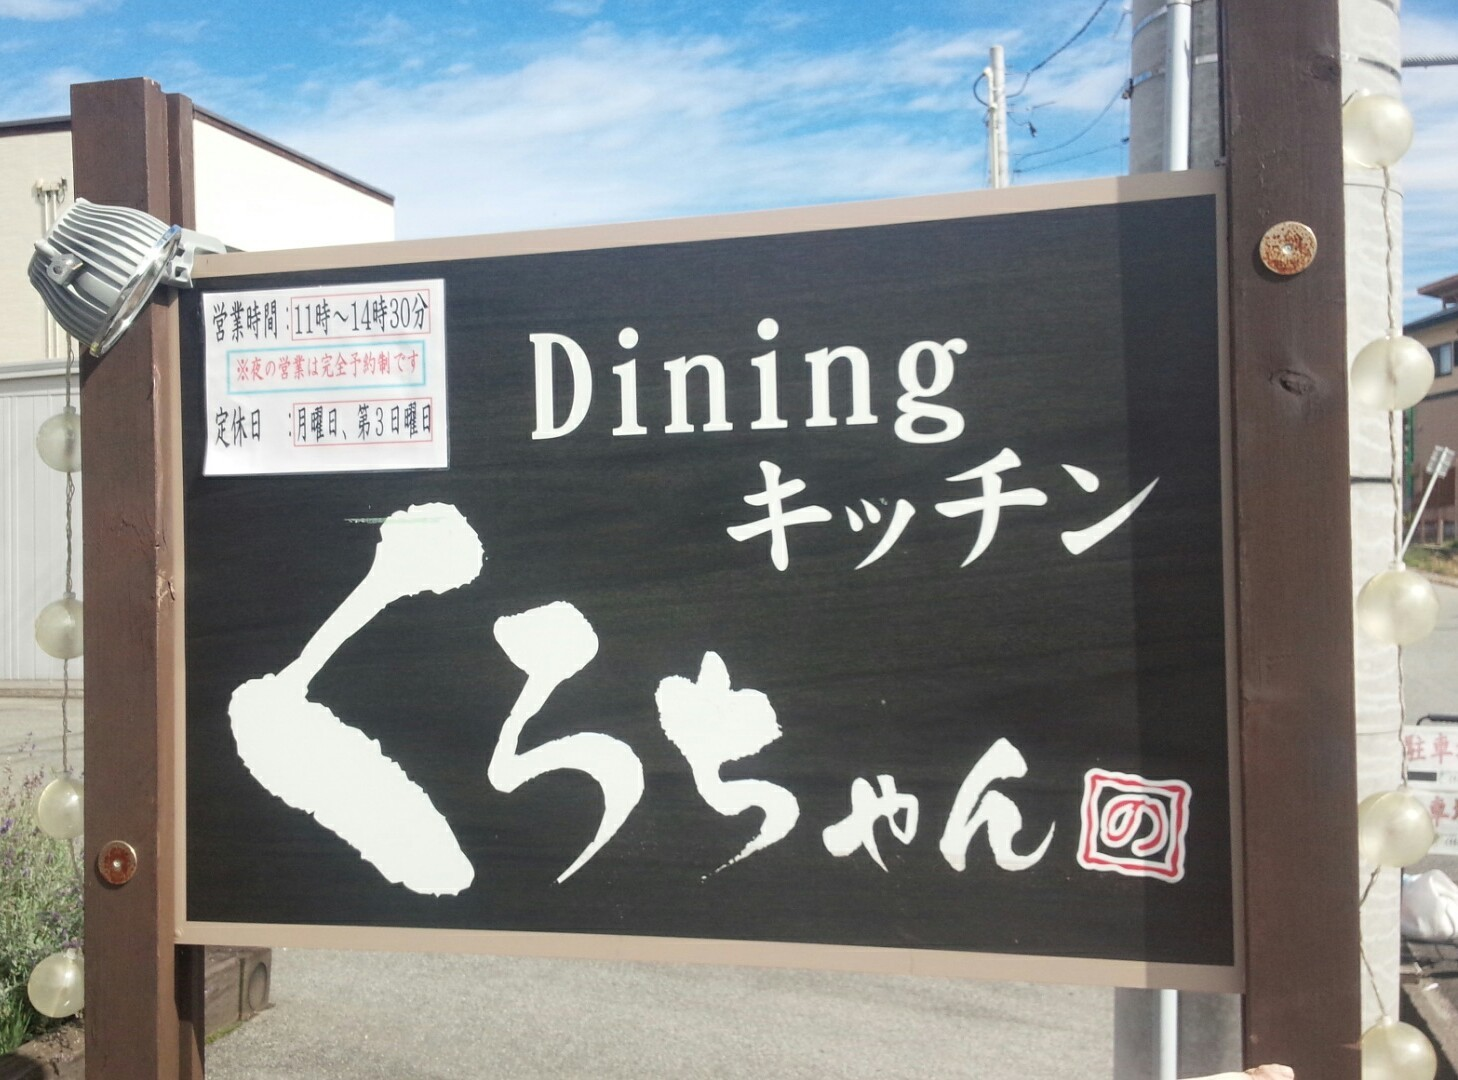 Diningキッチン くろちゃん